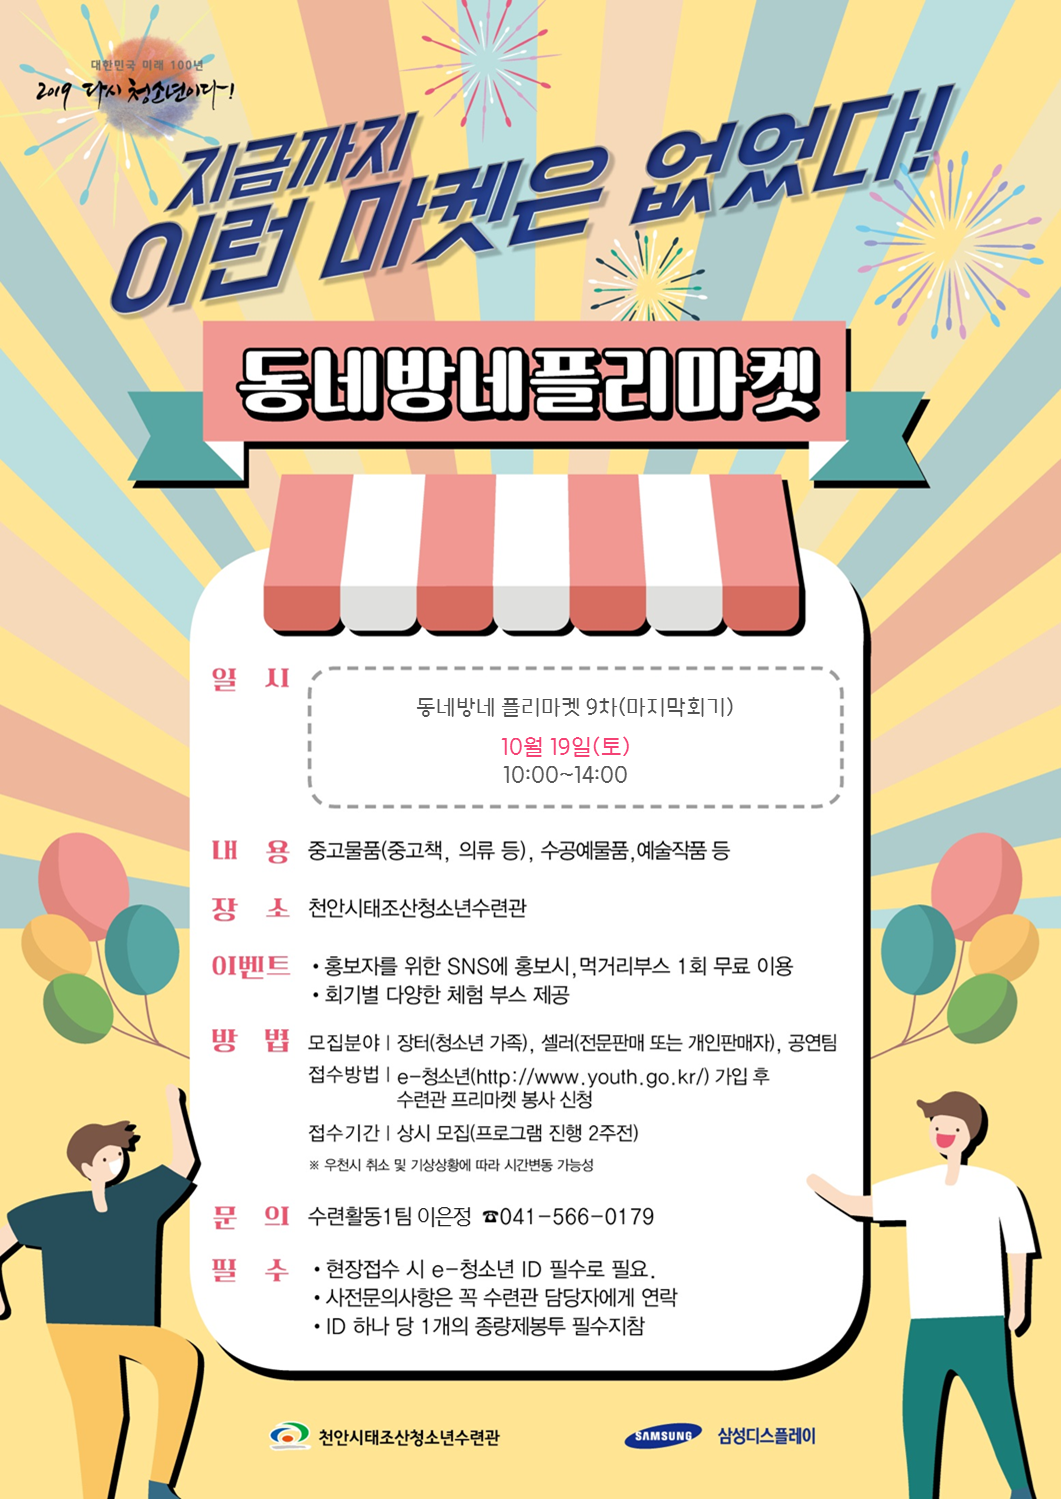 플리마켓 웹홍보용 수정완료본 19.10.10.png